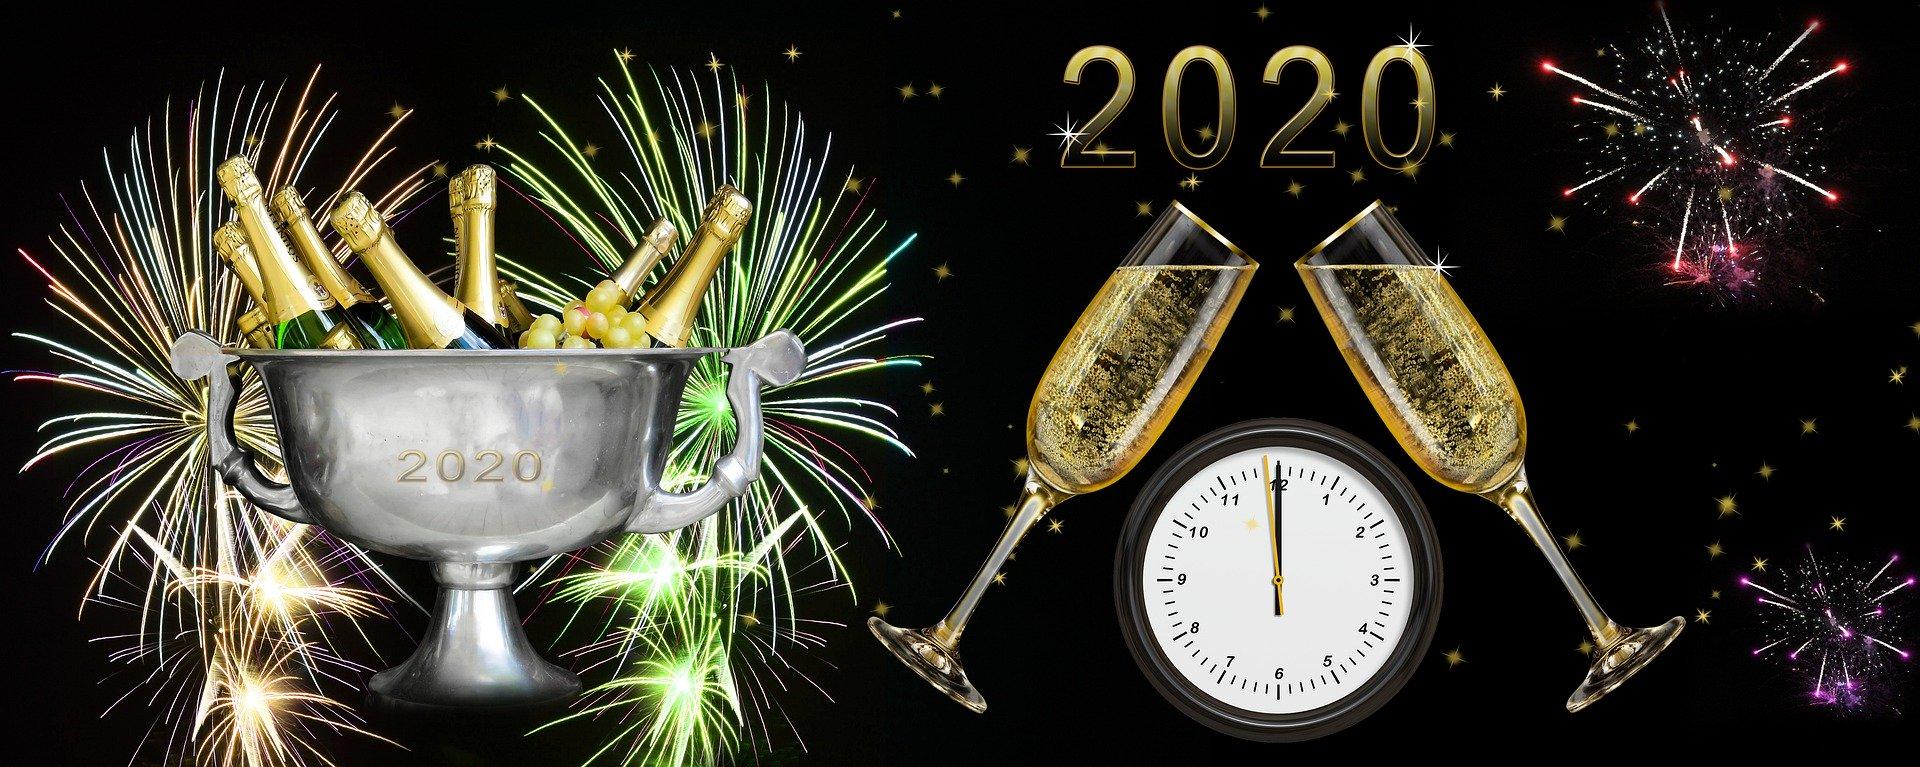 Reservar Sopar Cap d'any 2019 Hotel Eureka Escaldes - Reservar Cena Fin de Año 2019 Hotel Eureka Escaldes